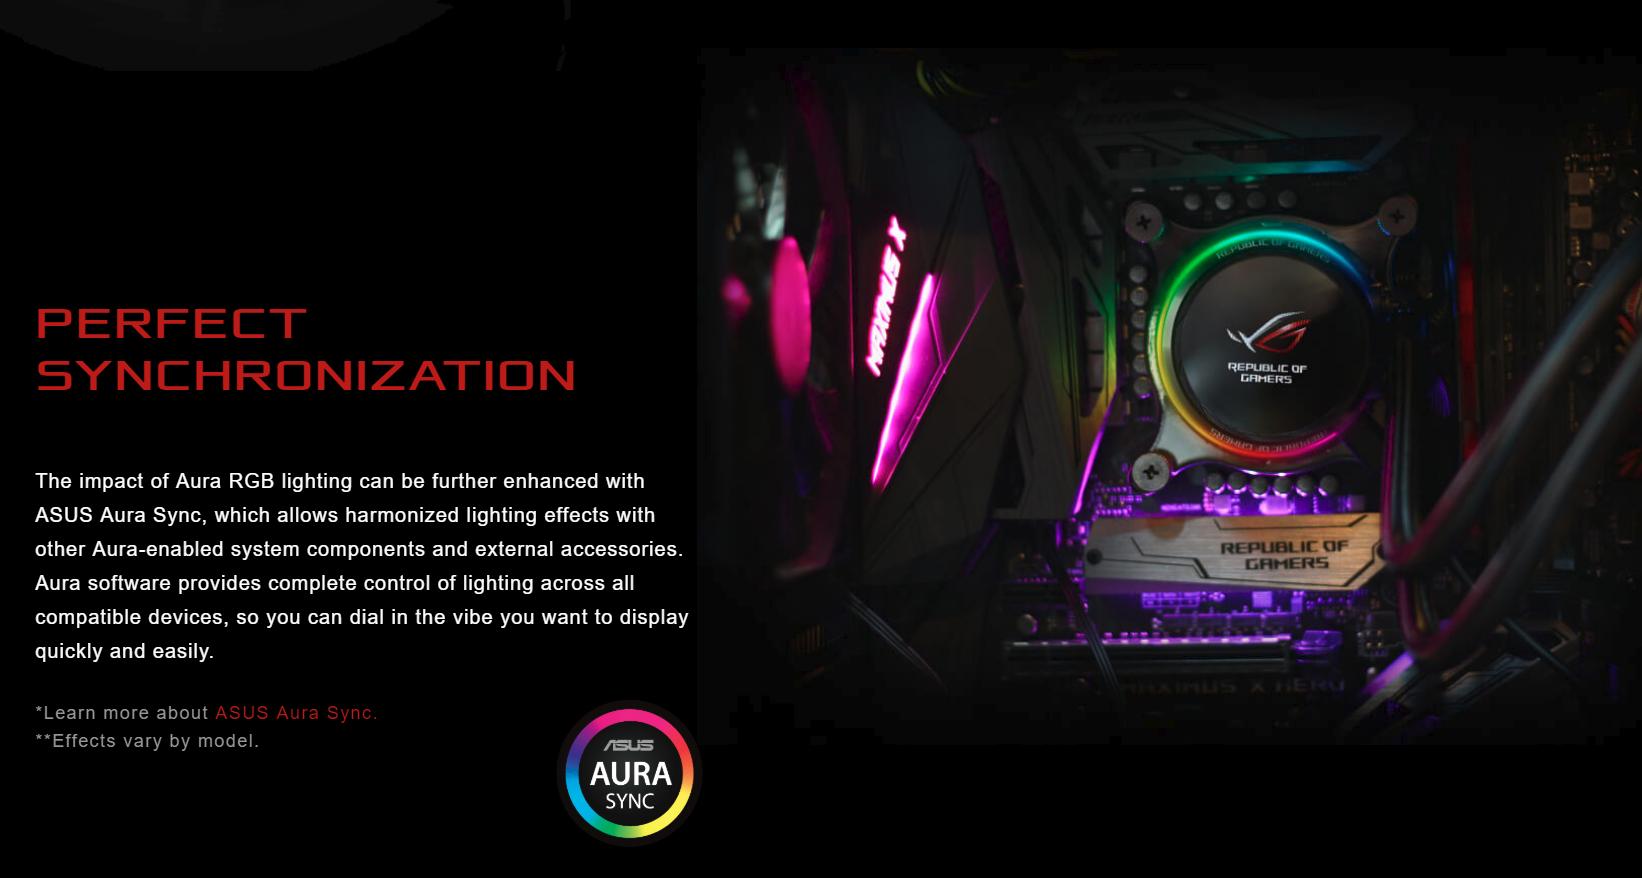 Tản nhiệt nước Asus ROG RYUO 120 - RGB 120mm Liquid CPU Cooler có khả năng đồng bộ hoàn hảo với ASUS Aura Sync